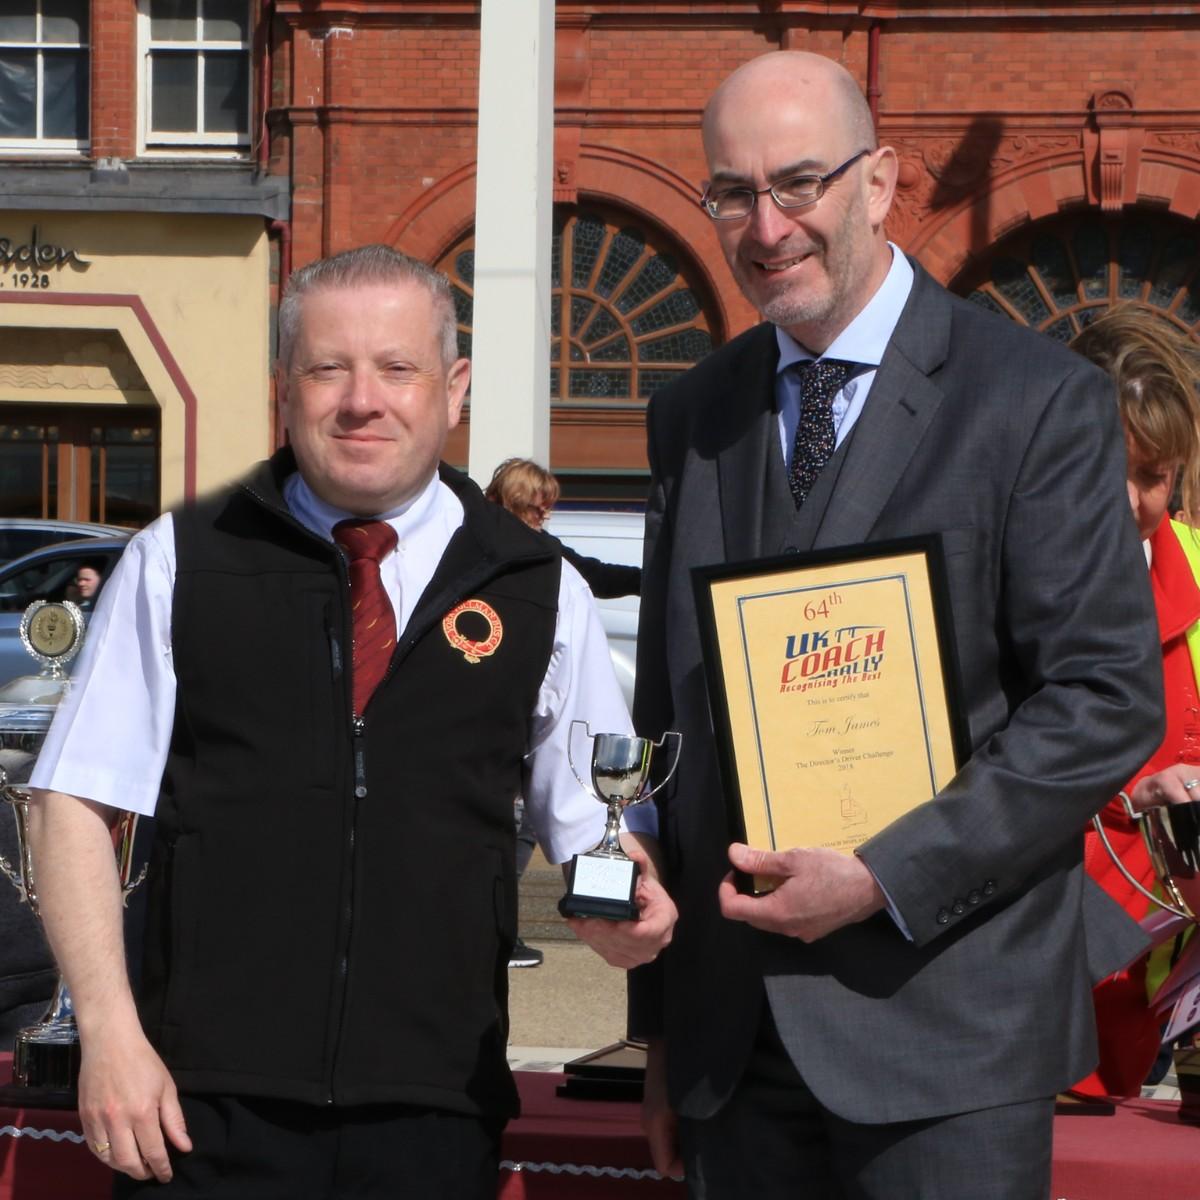 Directors Challenge Trophy - Tom James, York Pullman